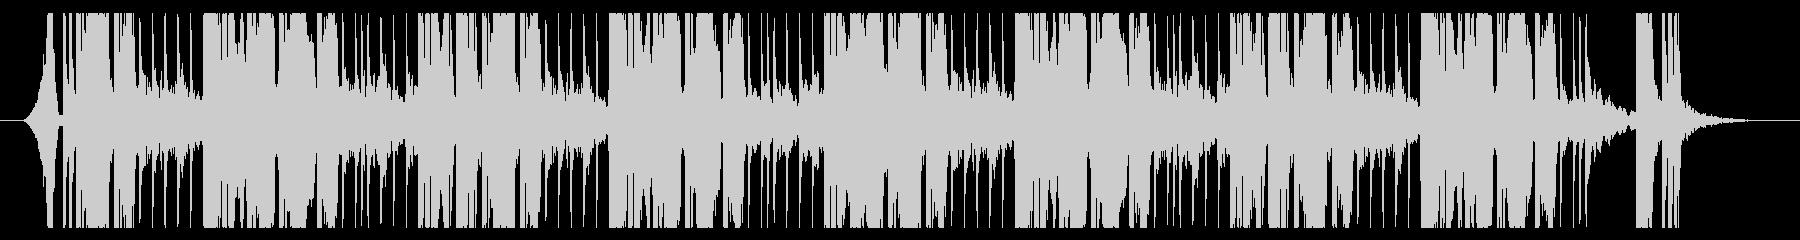 かわいいフューチャーベースNo386_4の未再生の波形